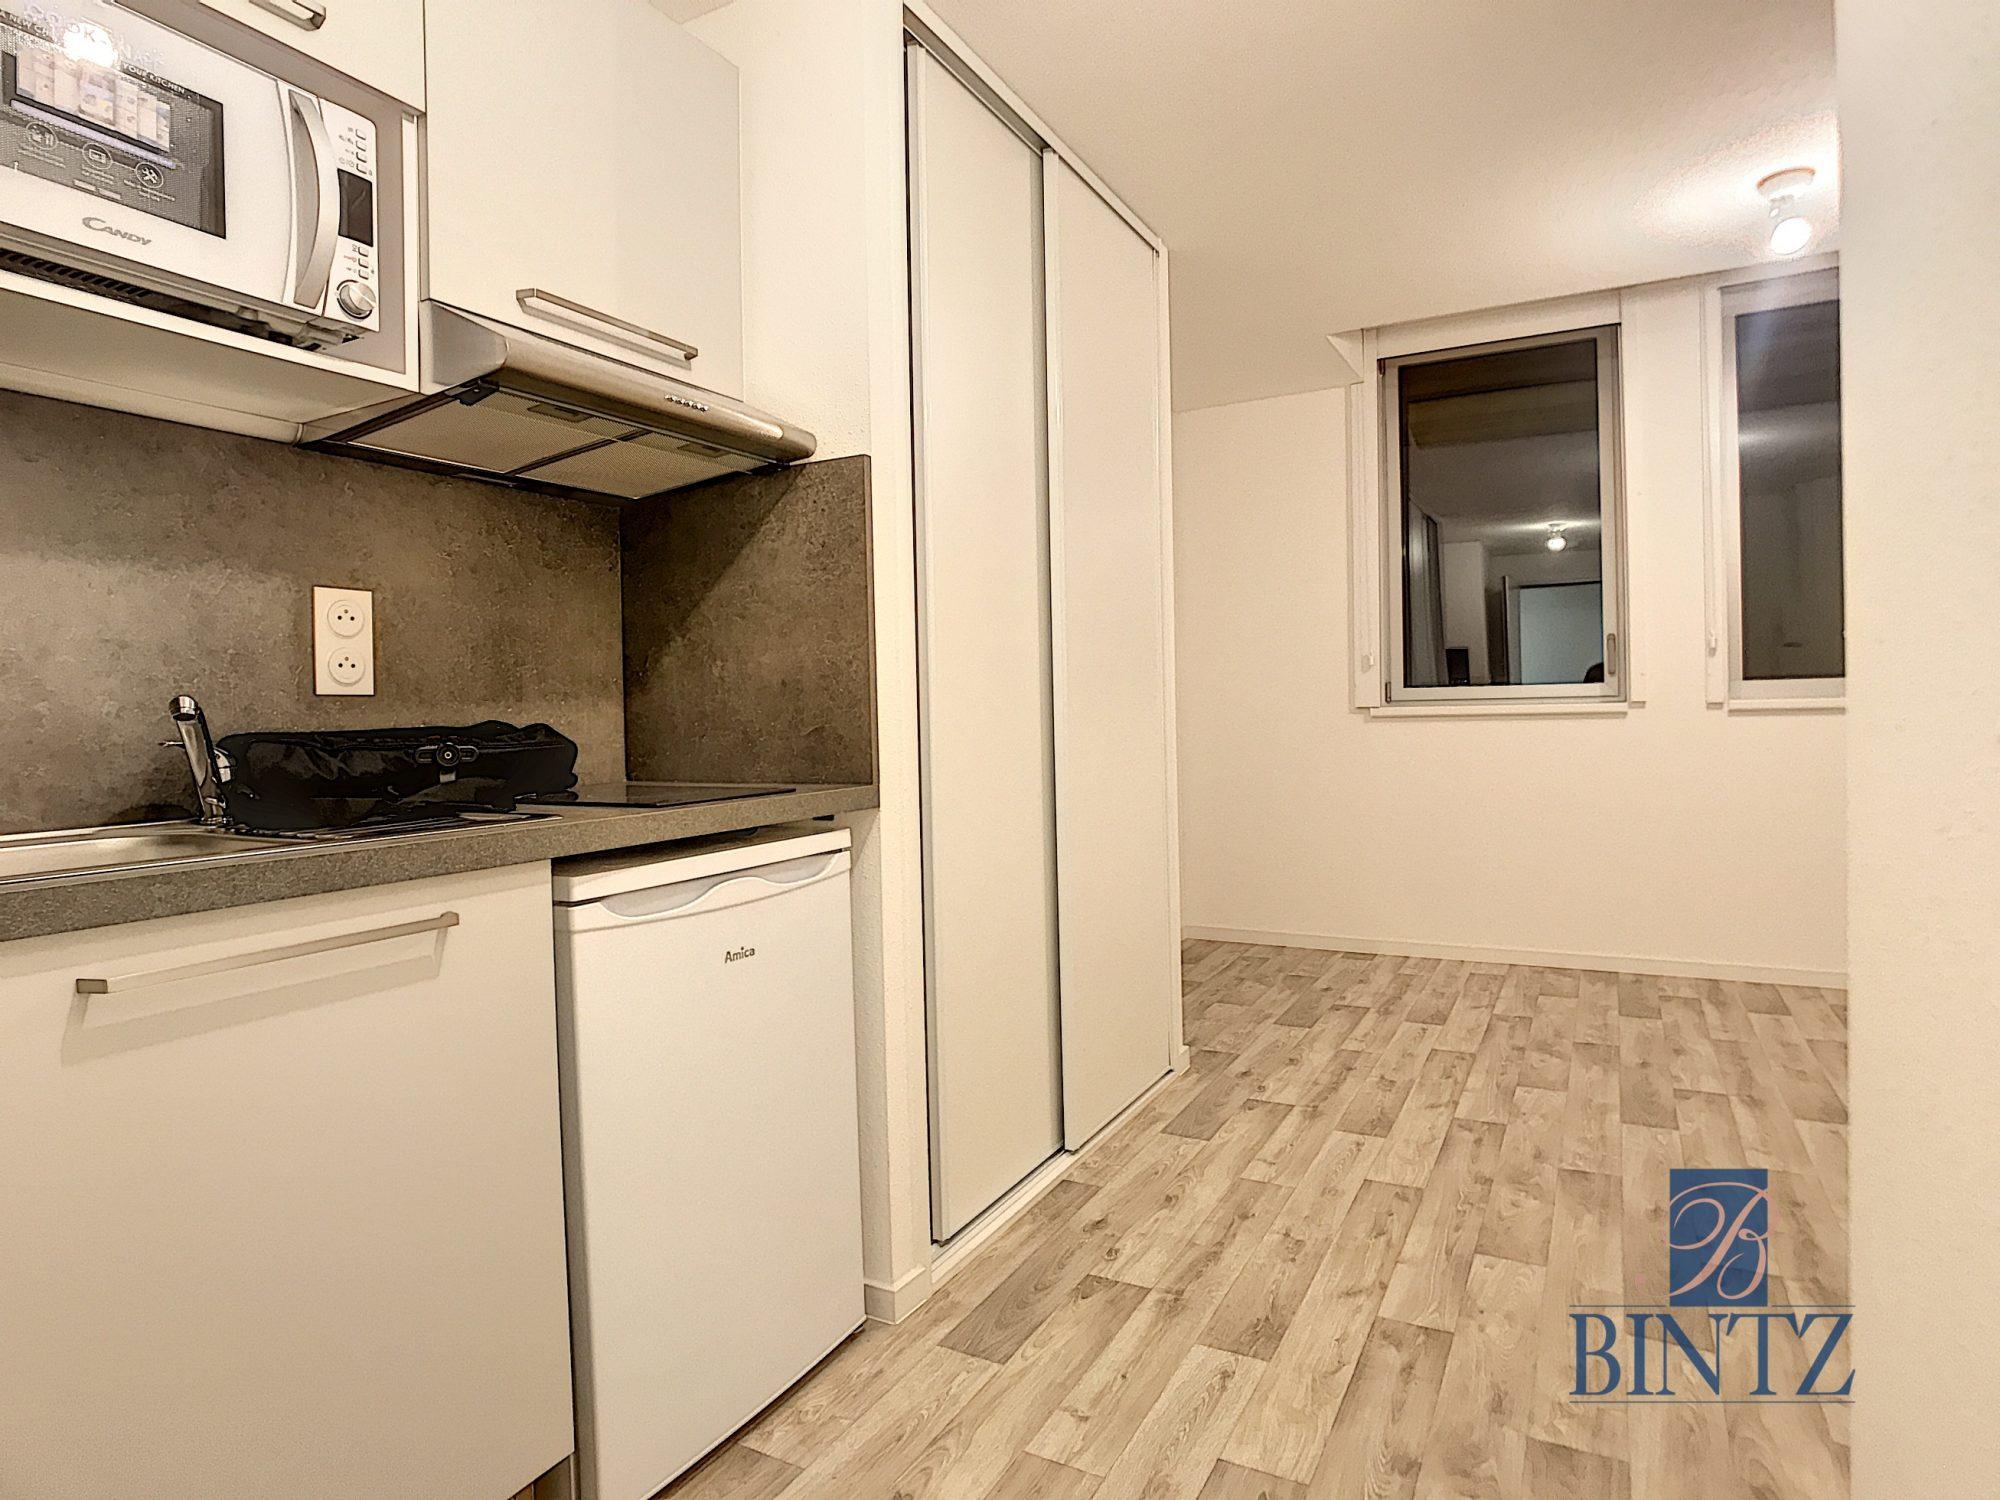 Studio dans résidence neuve - Devenez locataire en toute sérénité - Bintz Immobilier - 3